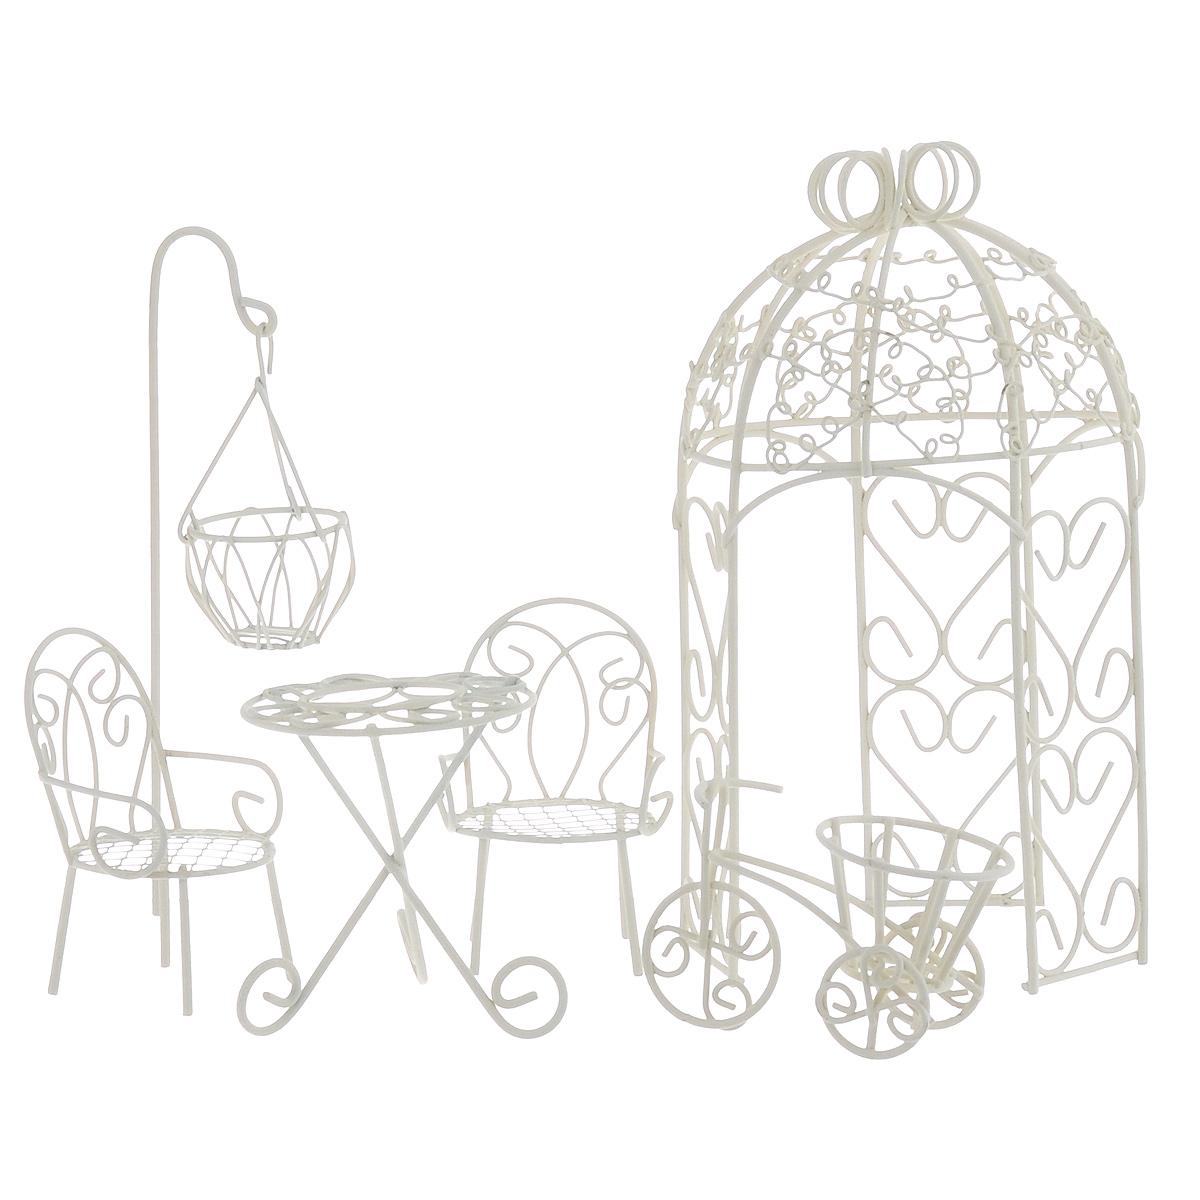 Миниатюра кукольная Bloom`its Садовый декор, цвет: белый, 6 предметов827055Кукольный набор Bloom`its Садовый декор изготовлен из металла. Такая миниатюра прекрасно подойдет для декорирования кукольных домиков, а также для оформления работ в самых различных техниках. В набор входит: беседка, 2 стула, стол, велосипед и фонарь. Размер беседки: 17,5 см х 10 см х 9 см. Размер стола: 6 см х 6 см х7 см. Размер стульев: 7,5 см х 5 см х 4 см. Размер велосипеда: 7 см х 5 см х 4 см. Размер фонаря: 15 см х 4 см х 4 см.